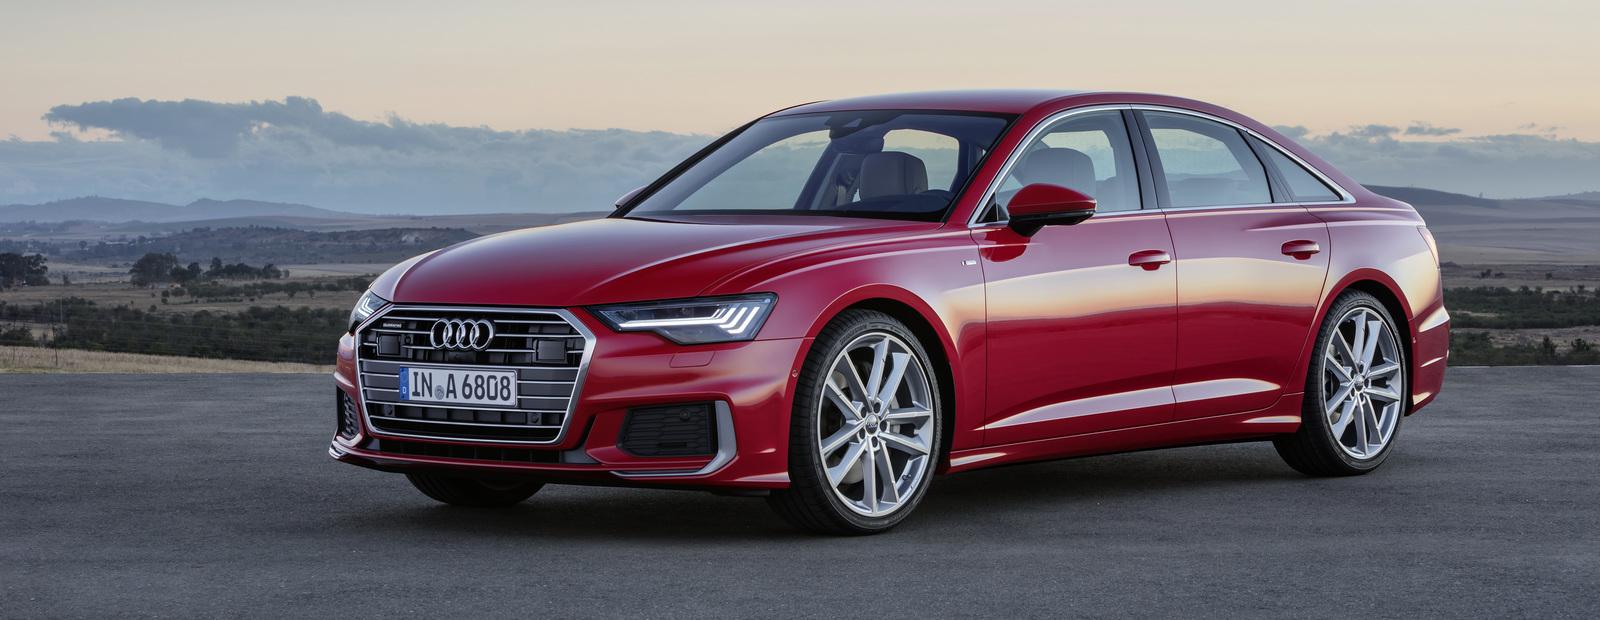 В России открыт прием заказов на базовую версию нового Audi A6